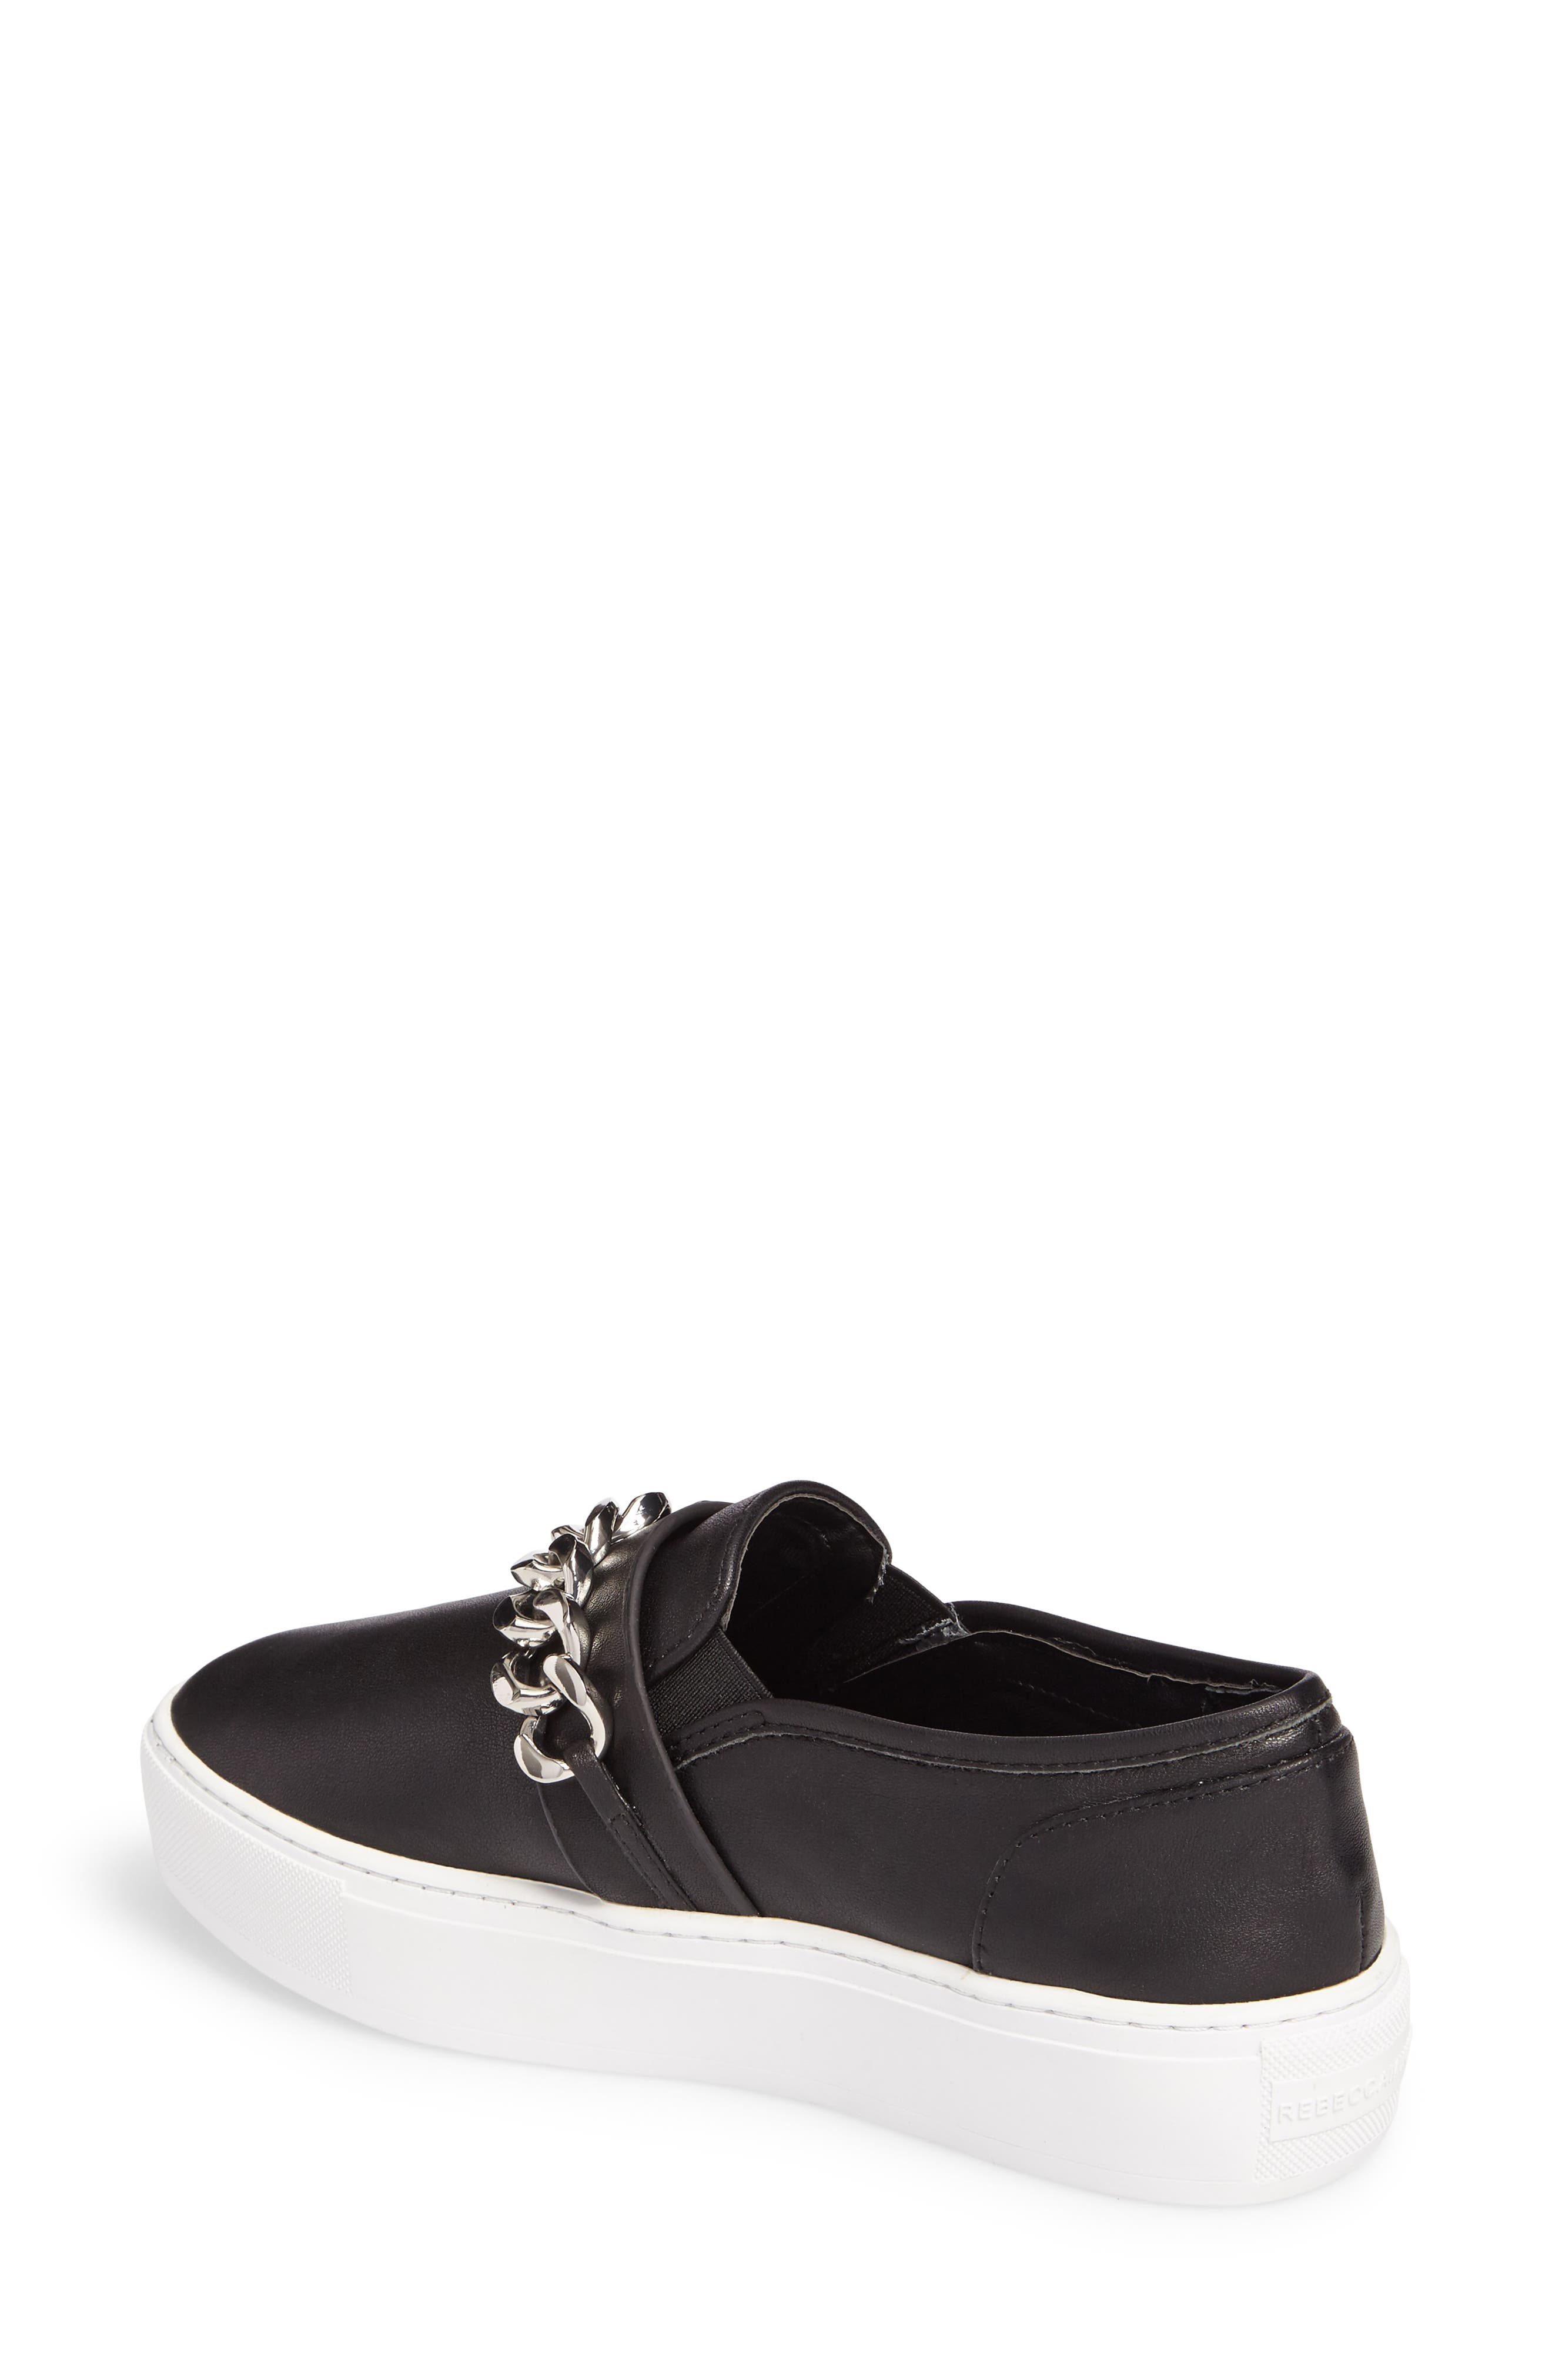 Nala Slip-On Sneaker,                             Alternate thumbnail 2, color,                             Black Leather